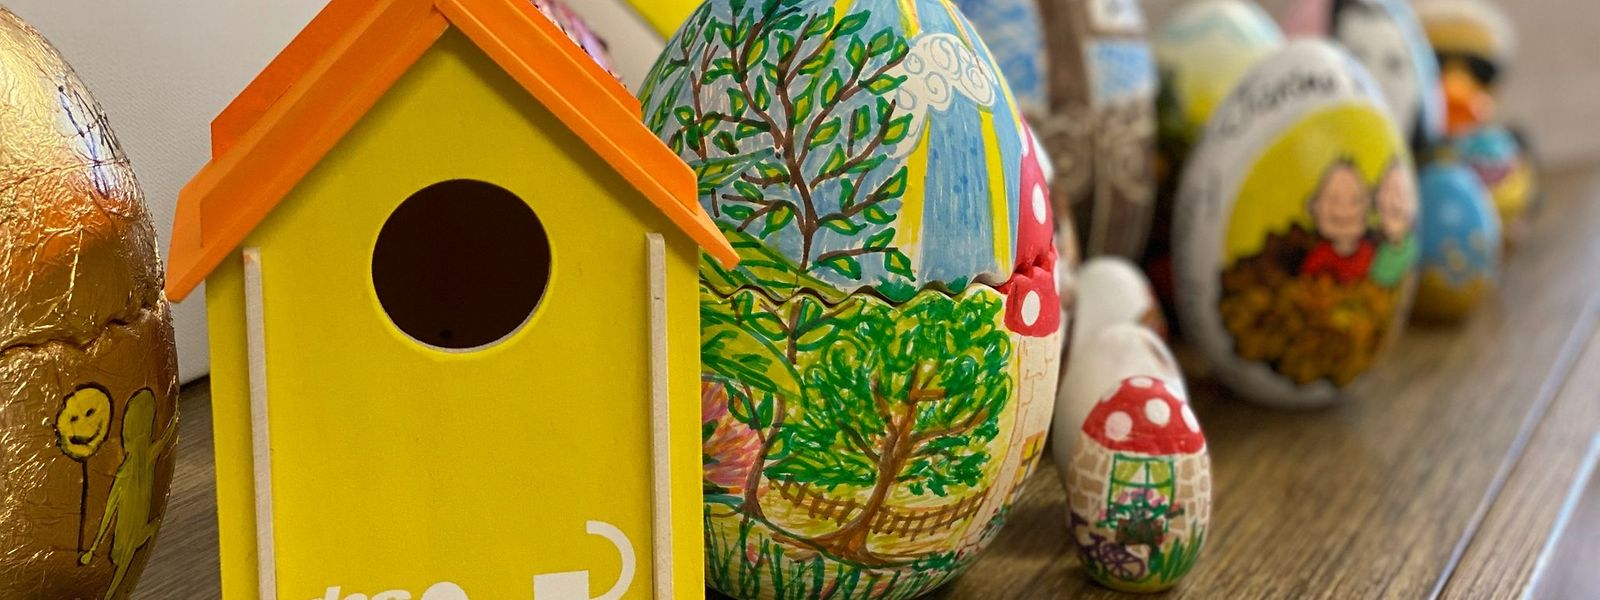 Die bunten Holz-Eier werden ab dem 5. März versteigert.